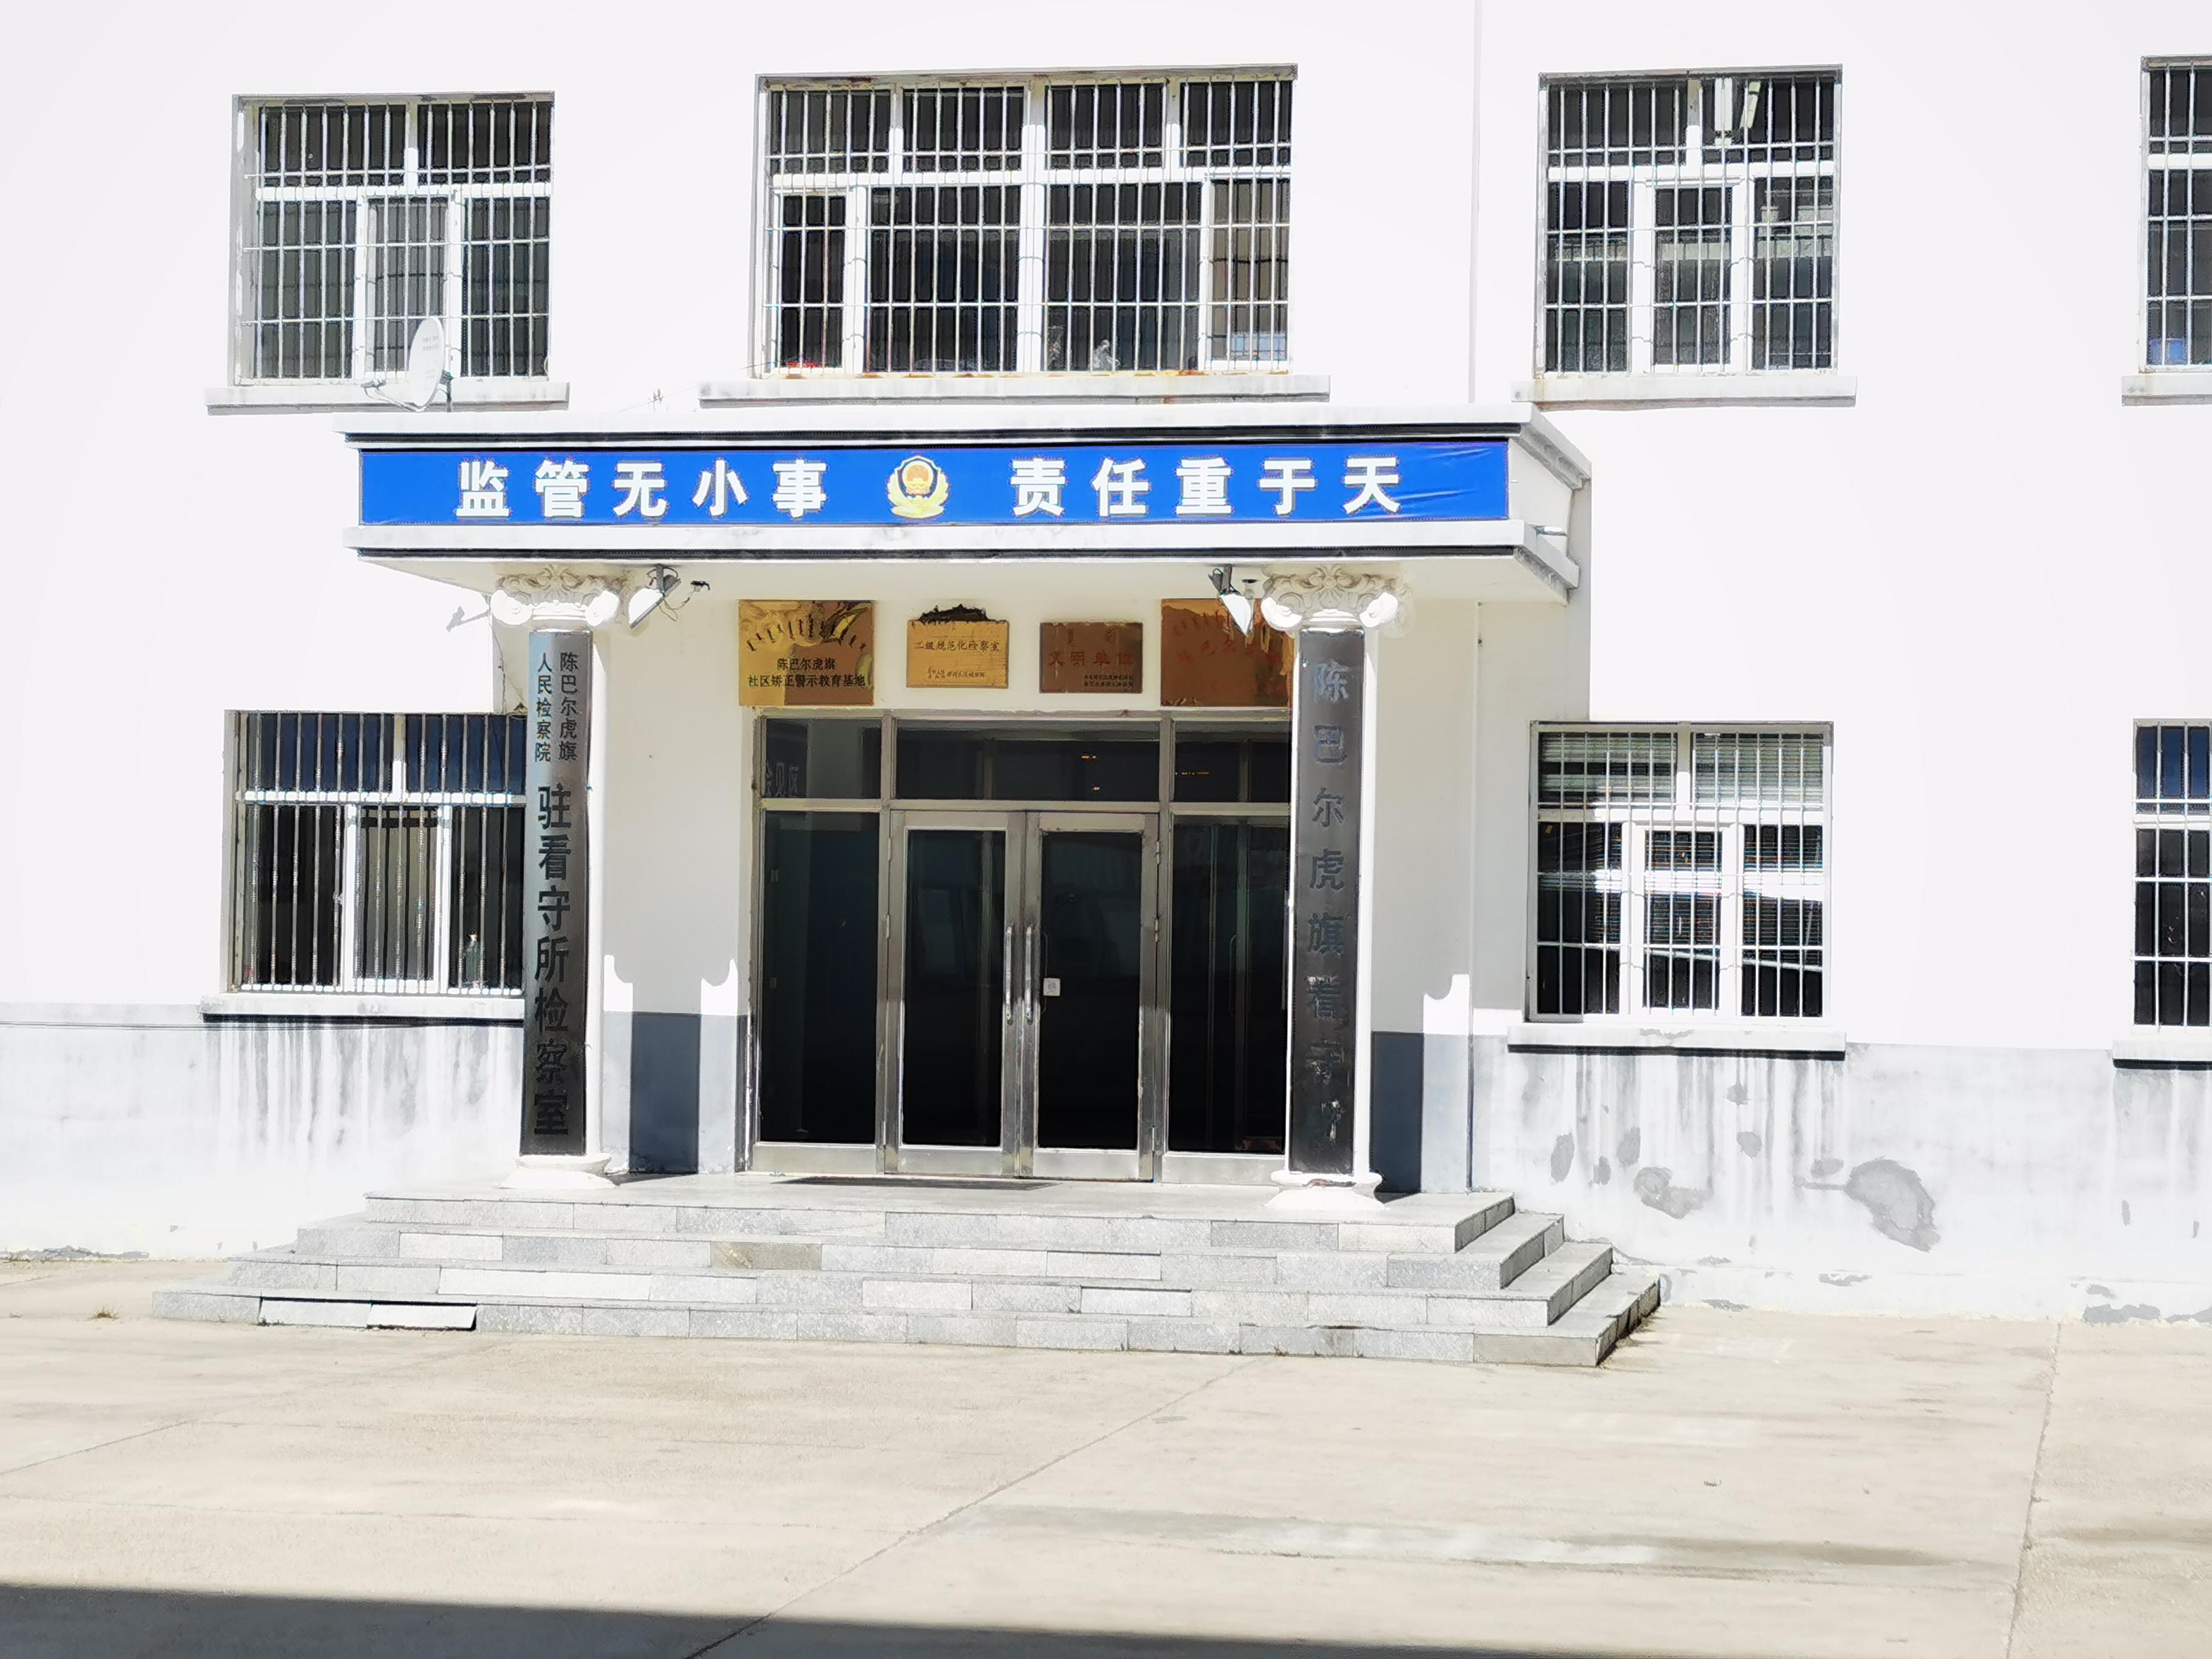 巴图孟和曾羁押在陈旗看守所。